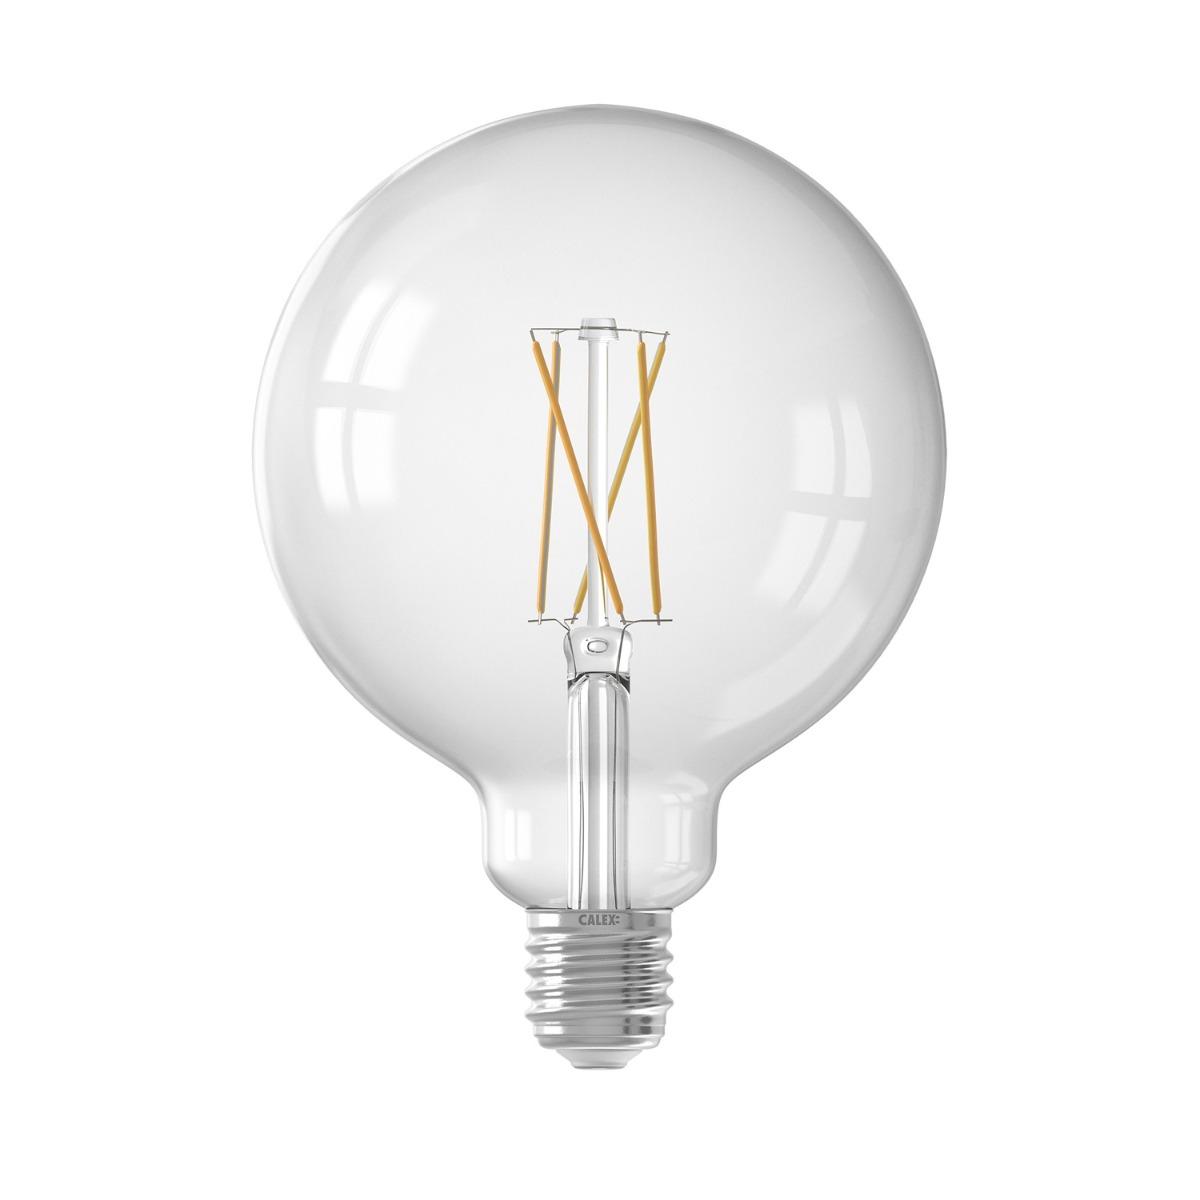 Bilde av Calex Smart Globe G125 E27 7,5w 1055lm 1800-3000k Filament | Tuya Wifi - Innstillbar Hvit